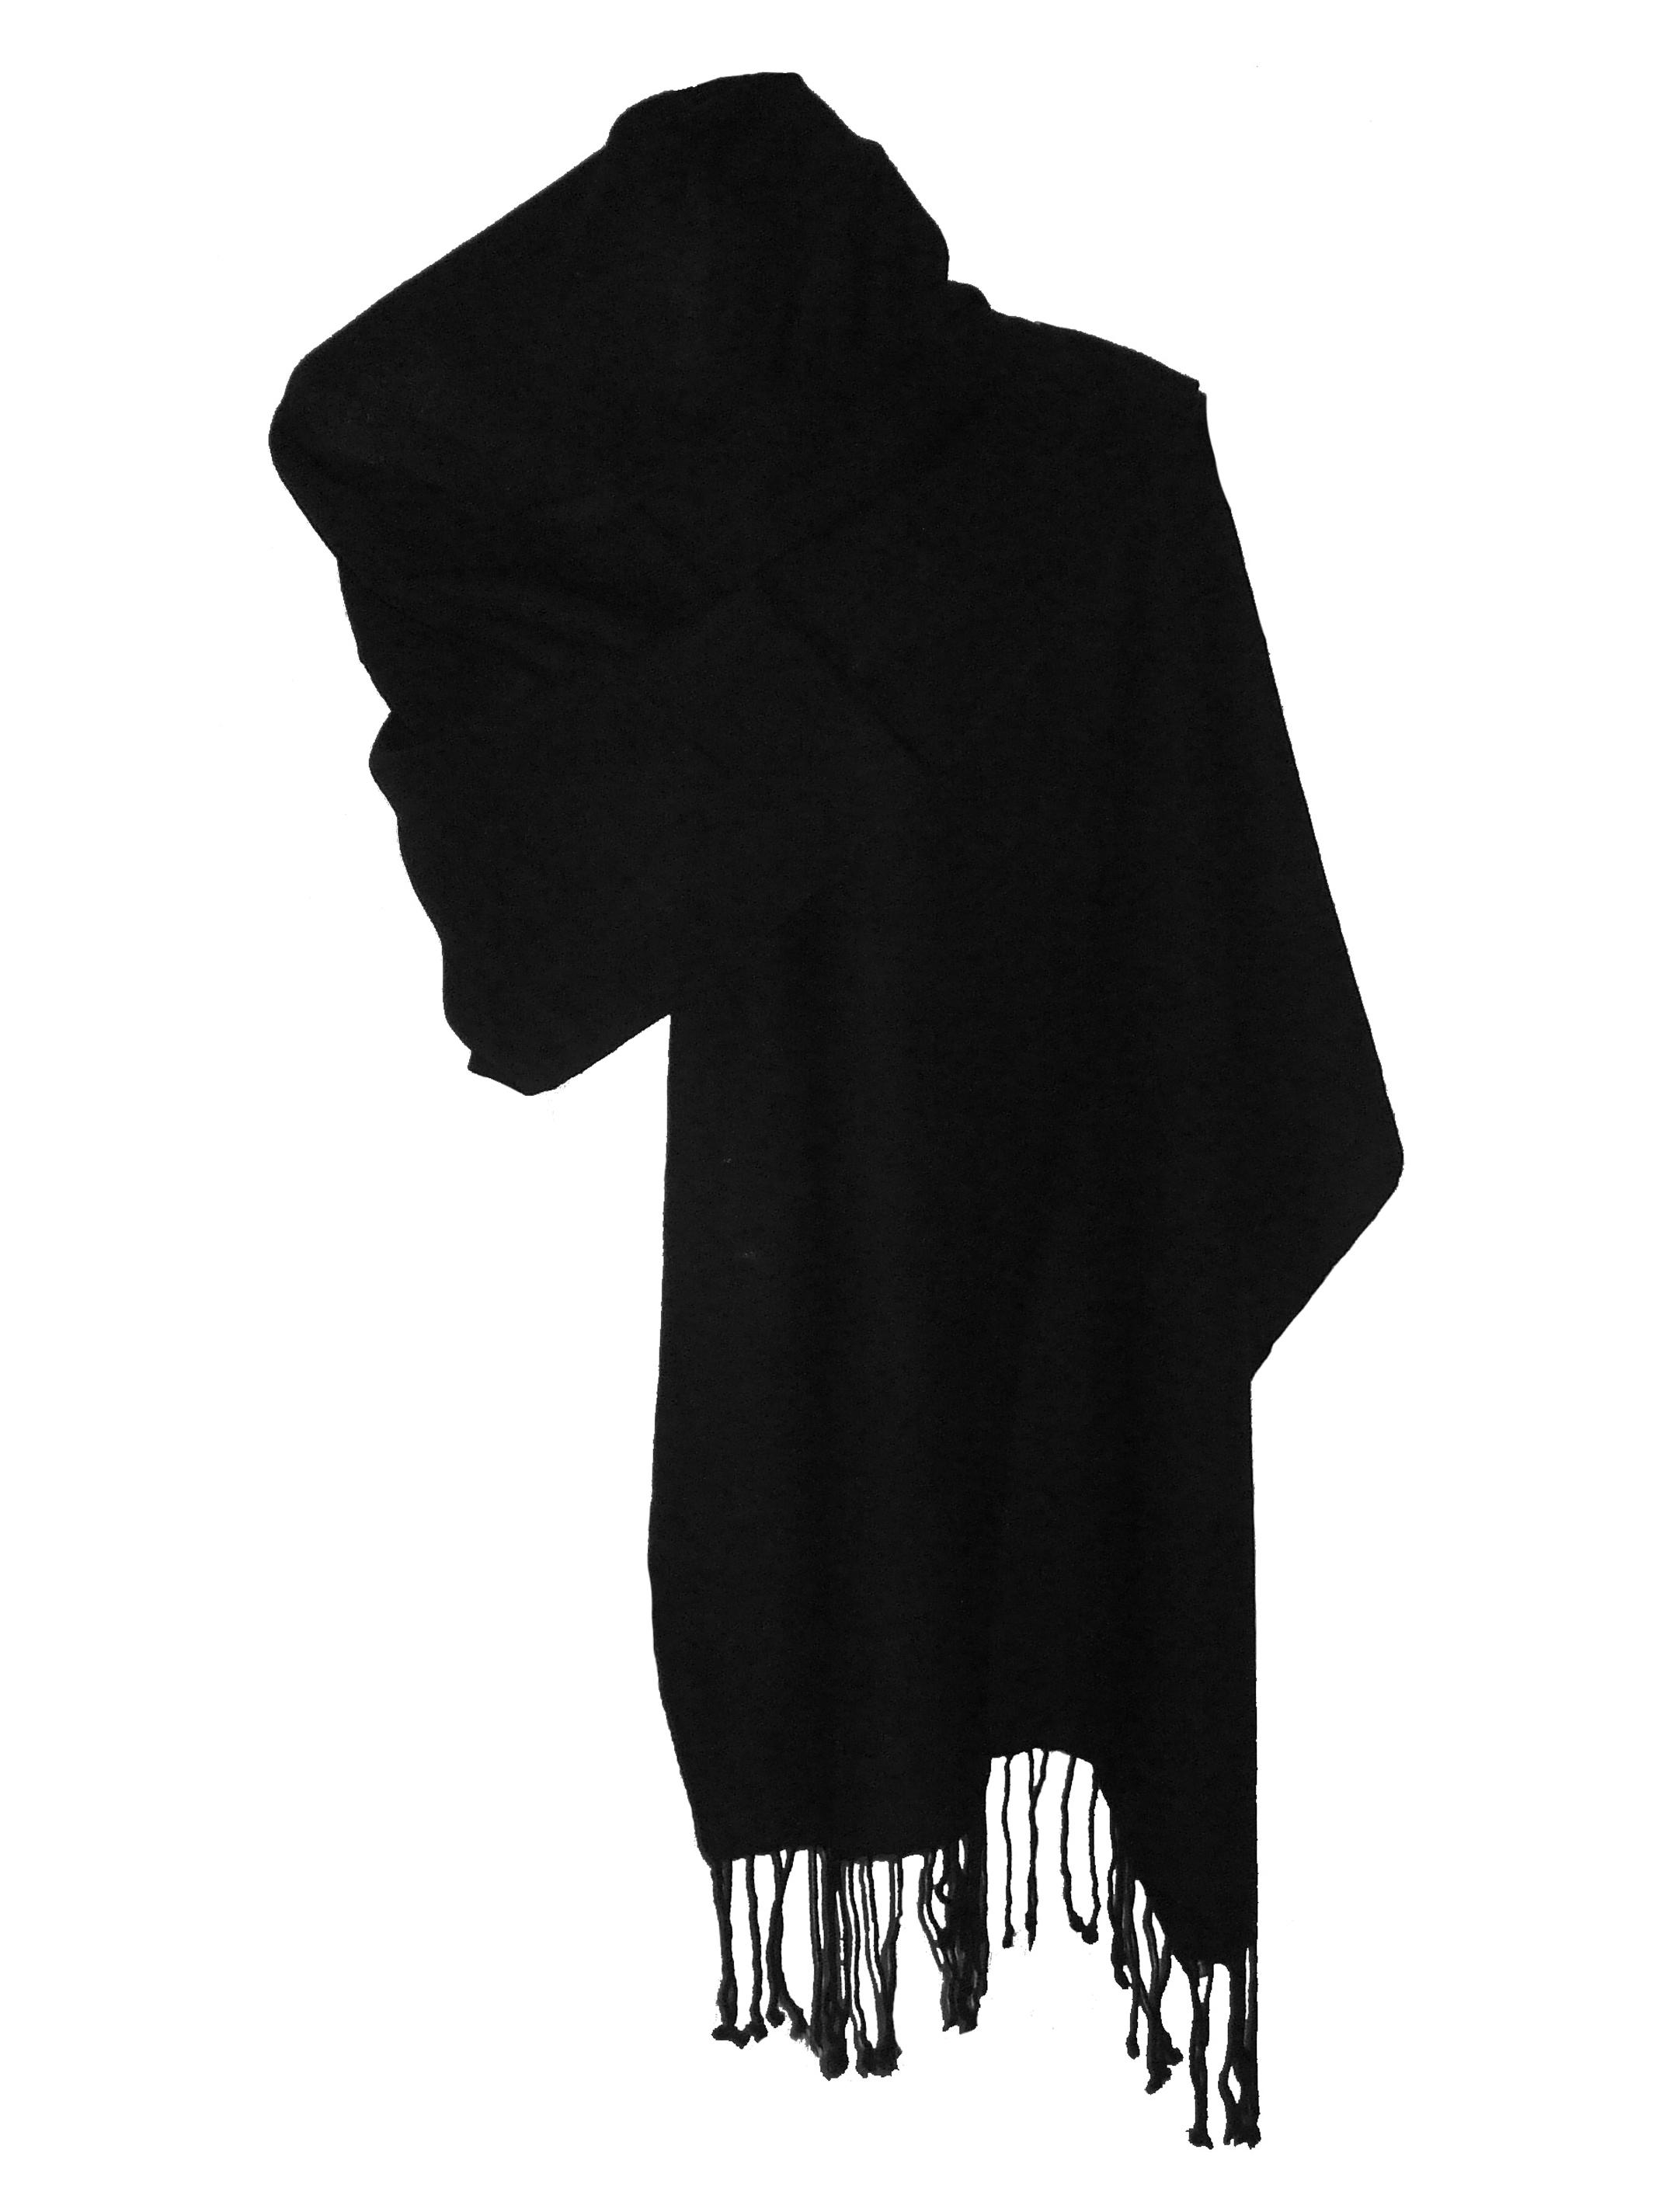 écharpe noire femme echarpe ecru femme   Rlobato e32454bcc84